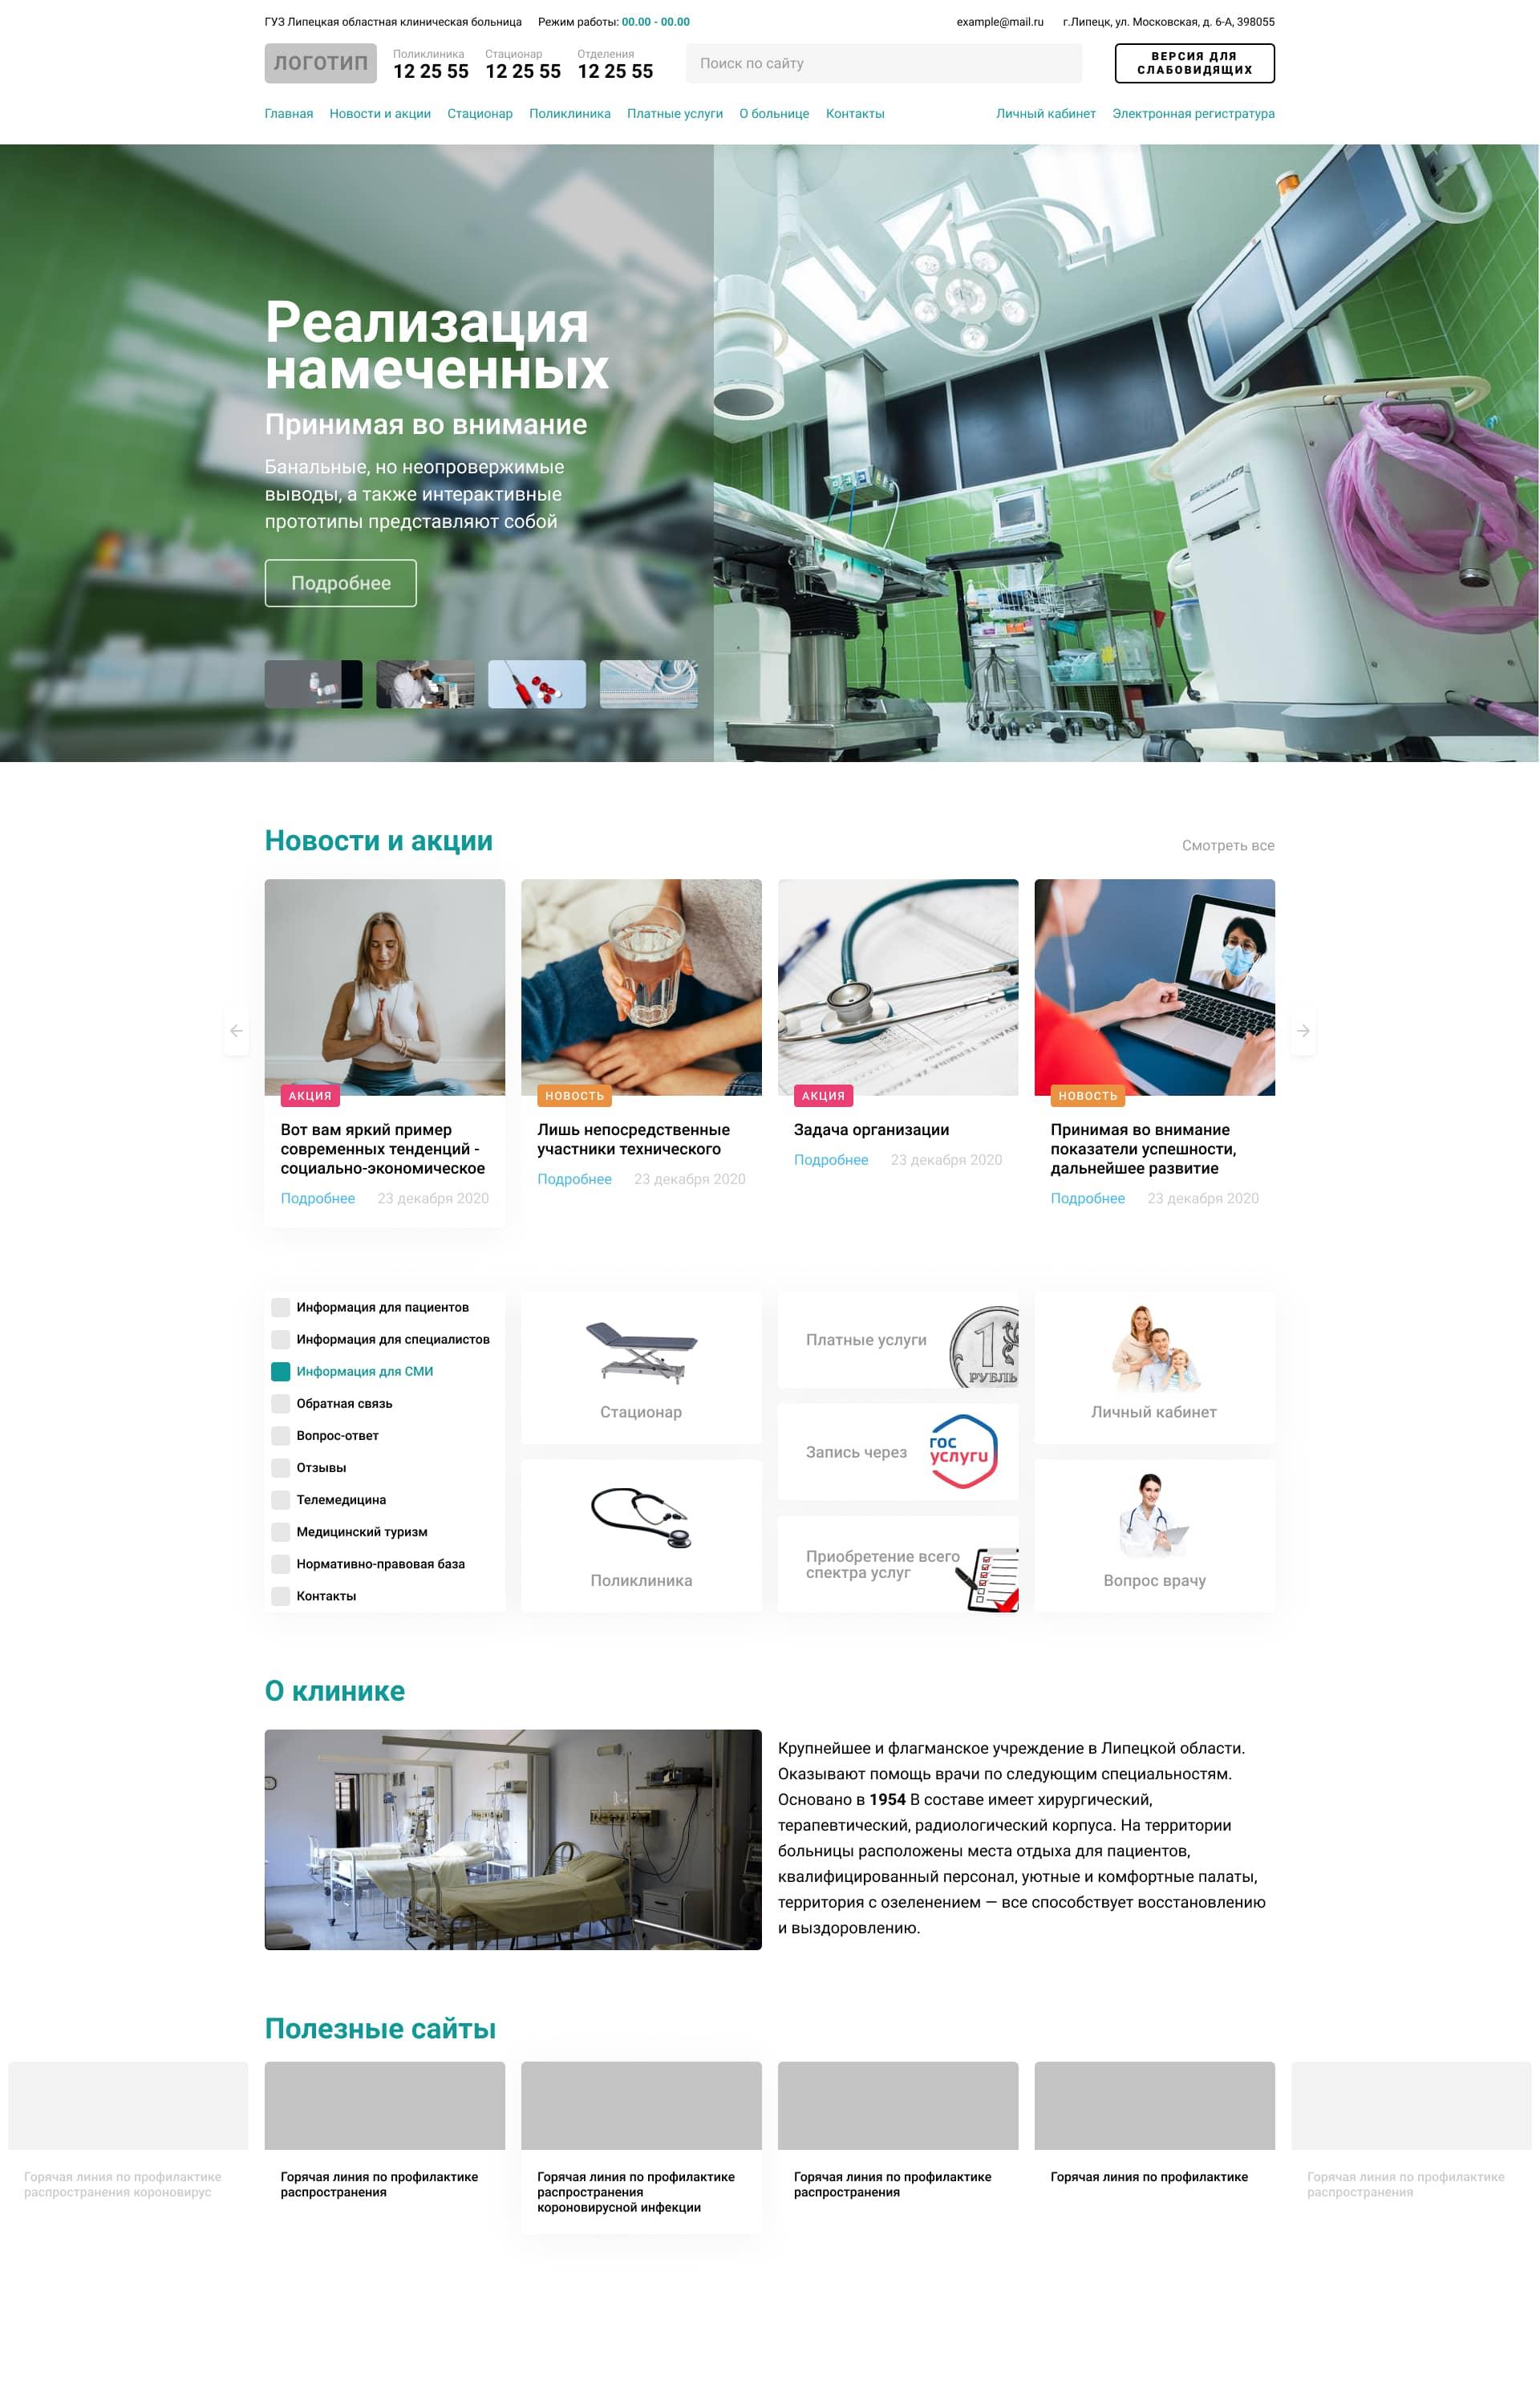 Дизайн для сайта больницы. Главная страница + 2 внутренних. фото f_3735fb4c9bc1b9e7.jpg